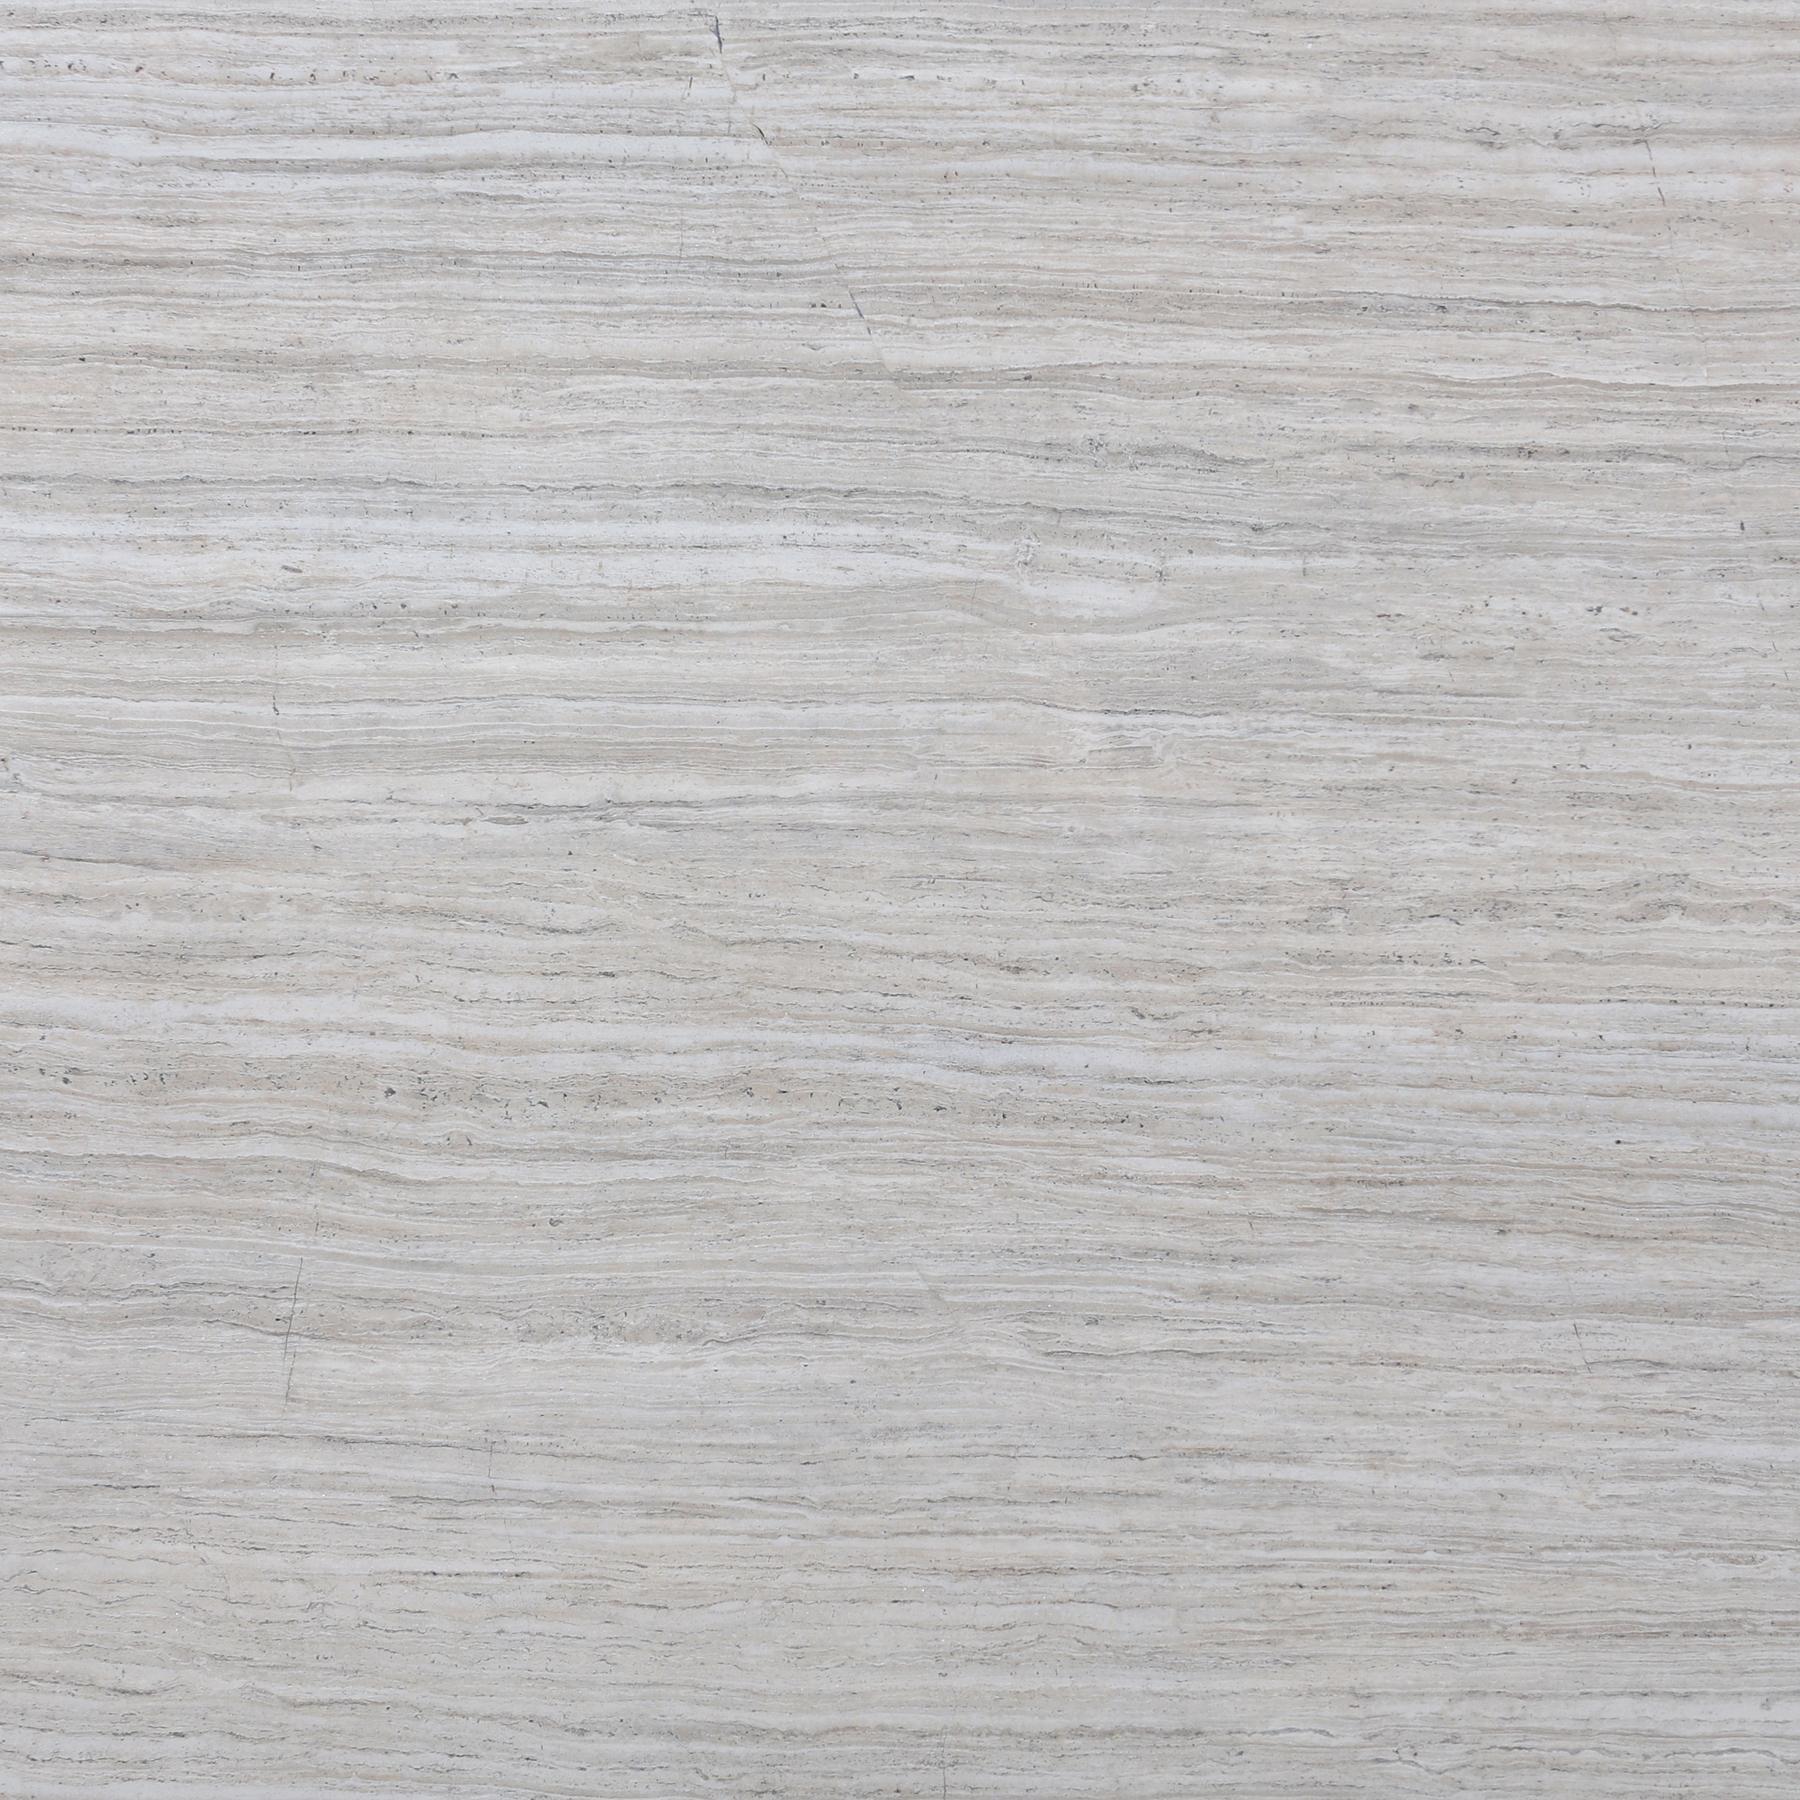 大理石-意大利线石